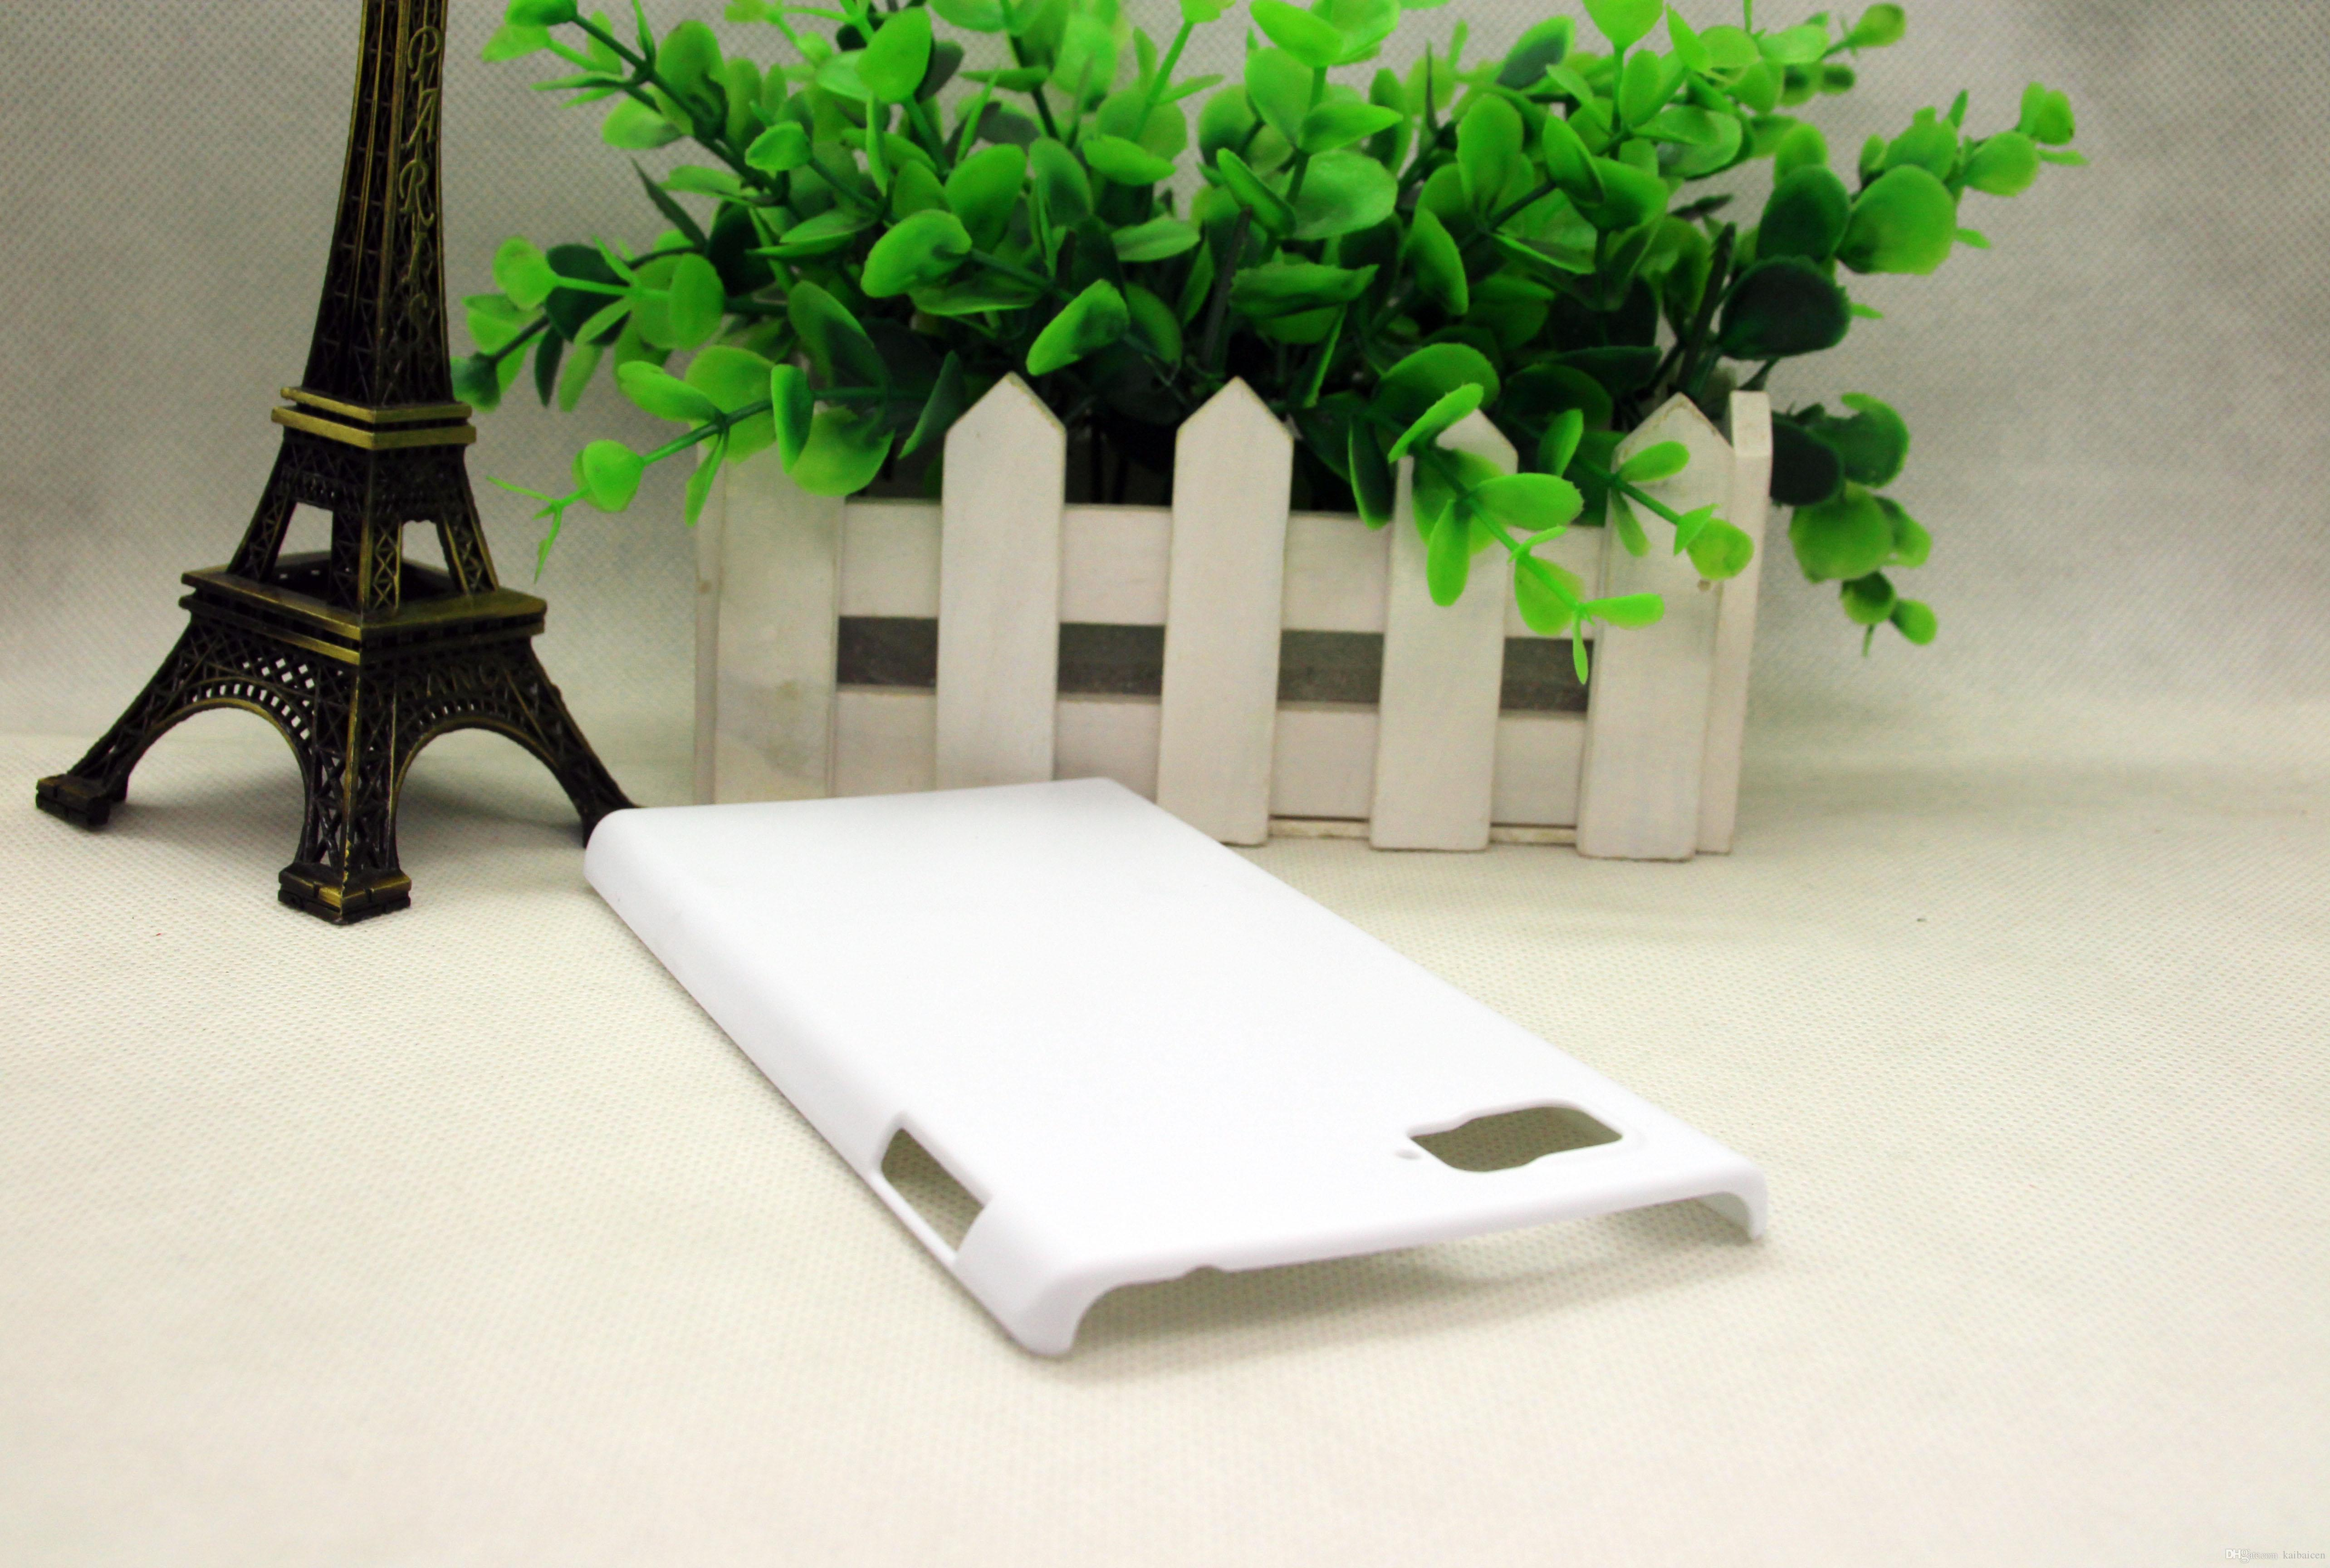 Lenovo K910 / K920 / K900 / S820 / S920 / A830 / A820T / A850 / S850 Sublimazione 3D Telefono cellulare Custodia lucida opaca mobile Copertura del telefono della pressa di calore